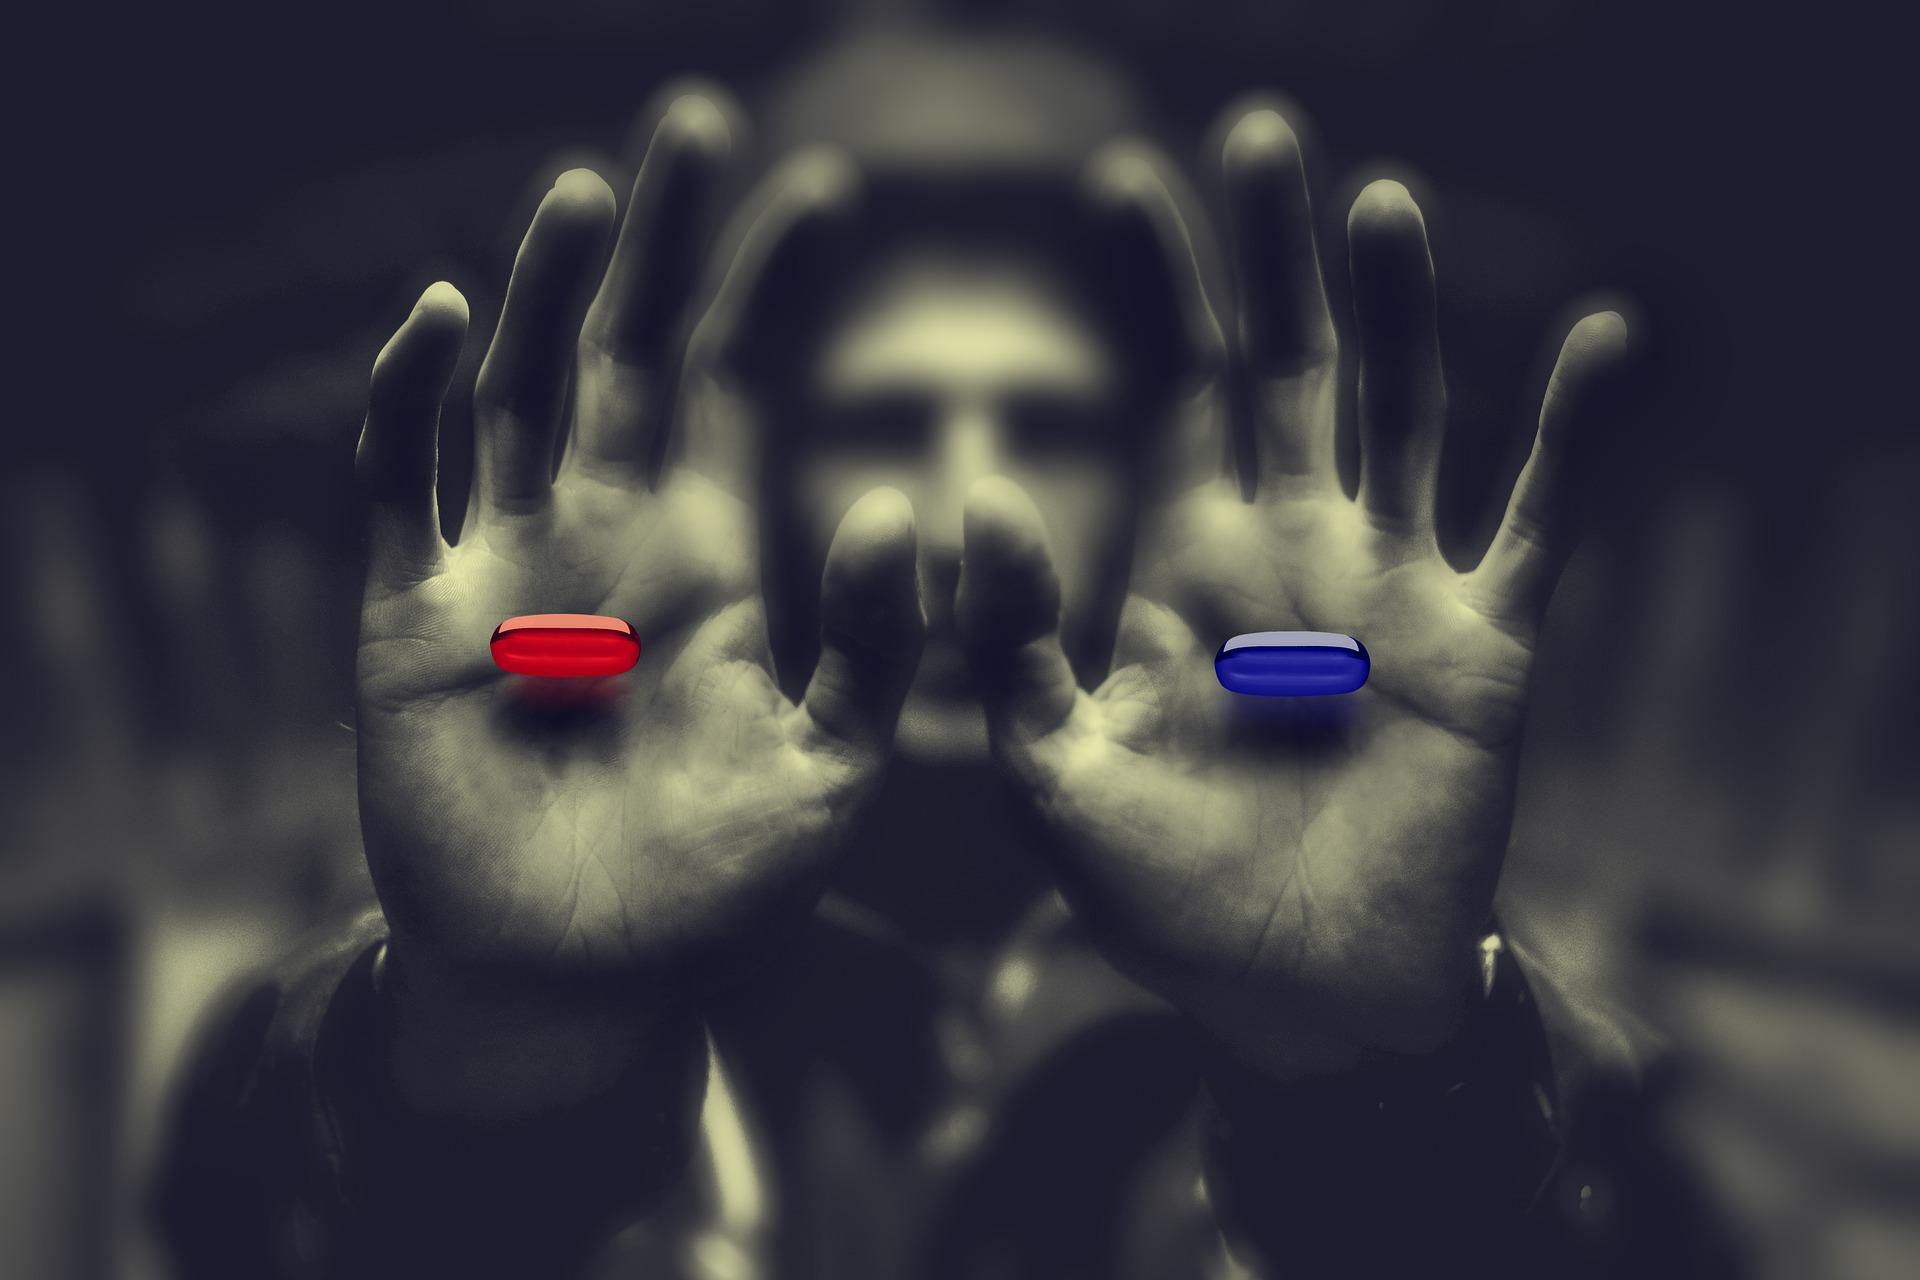 Pastilla roja o pastilla azul, despertar a la verdad o continuar en la ignorancia